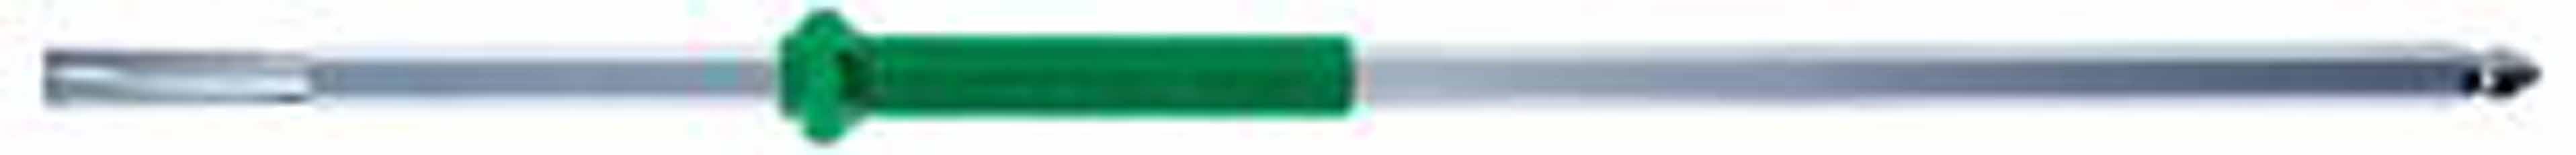 Zeskantstiftsleutel Torx T10 WIHA 26067